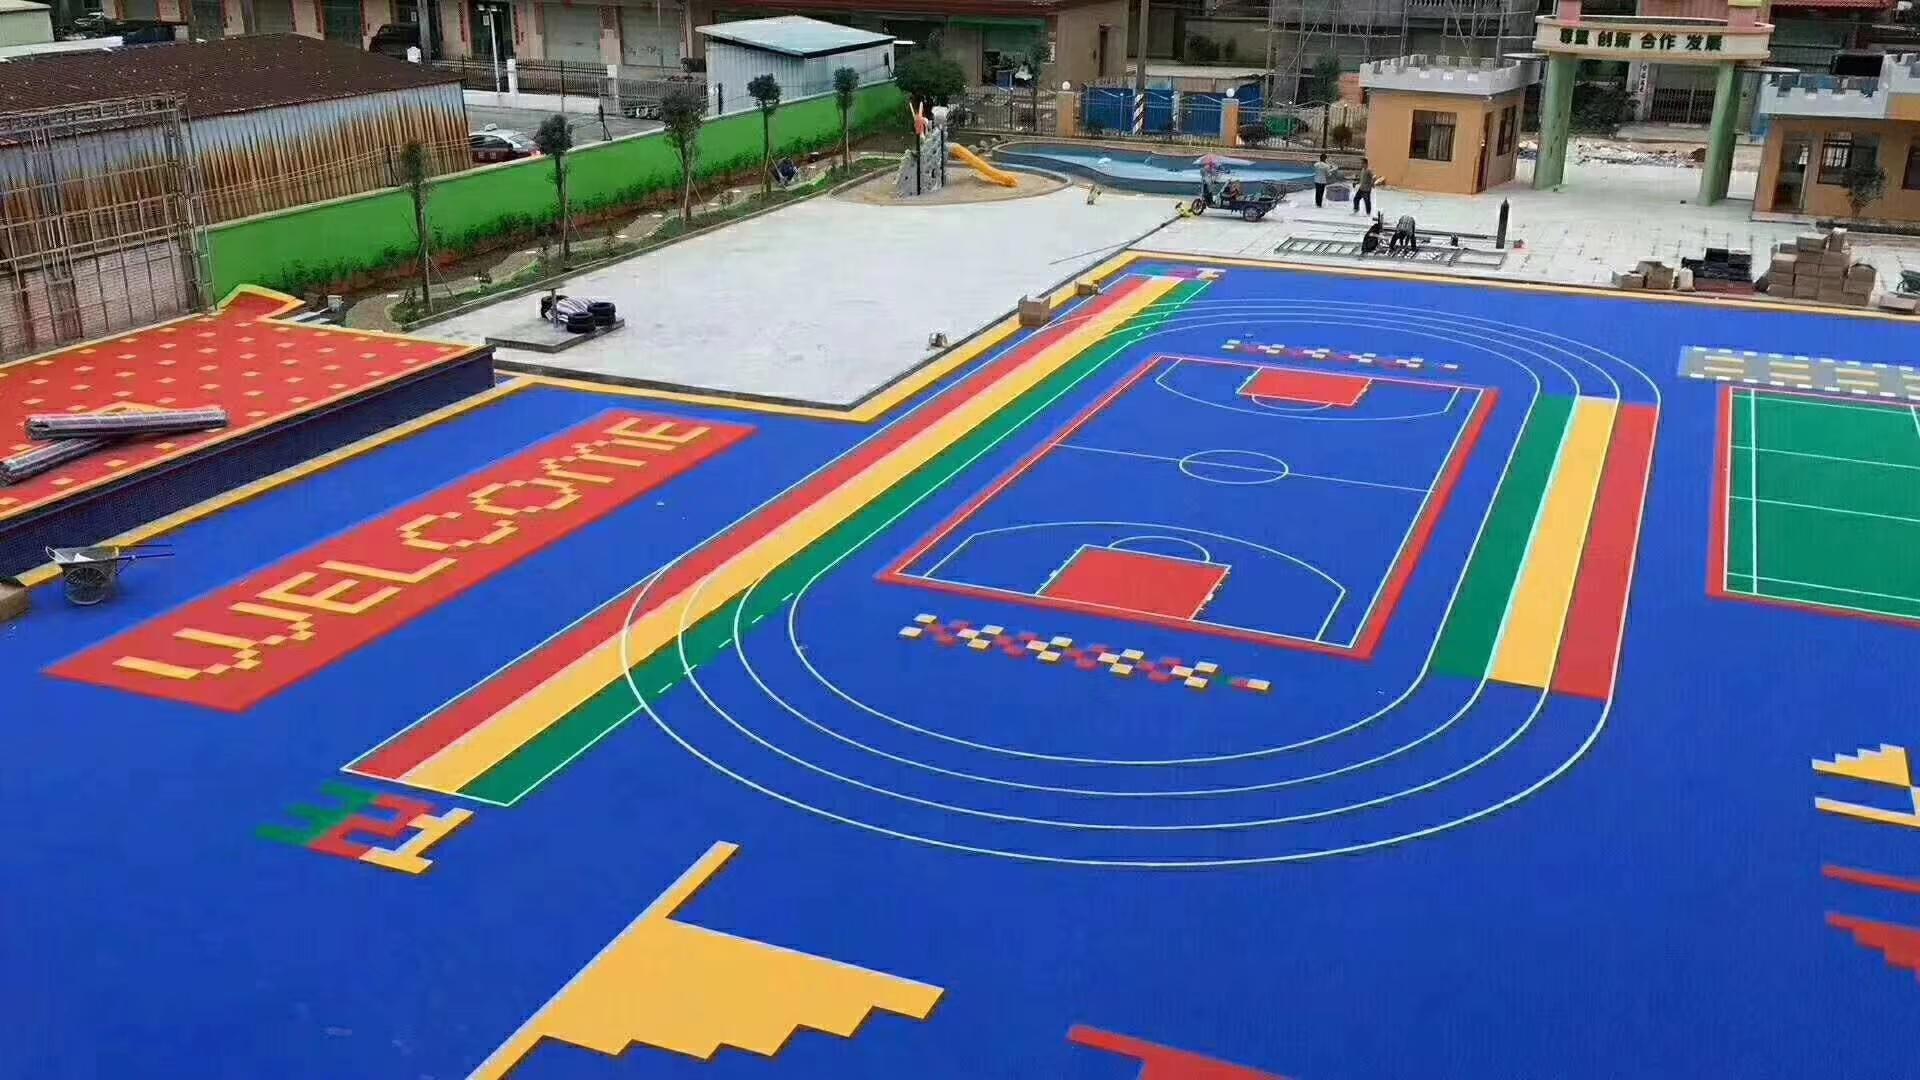 貴州幼兒園安全地墊,貴陽幼兒園安全地墊,安全地墊,幼兒園塑膠地墊